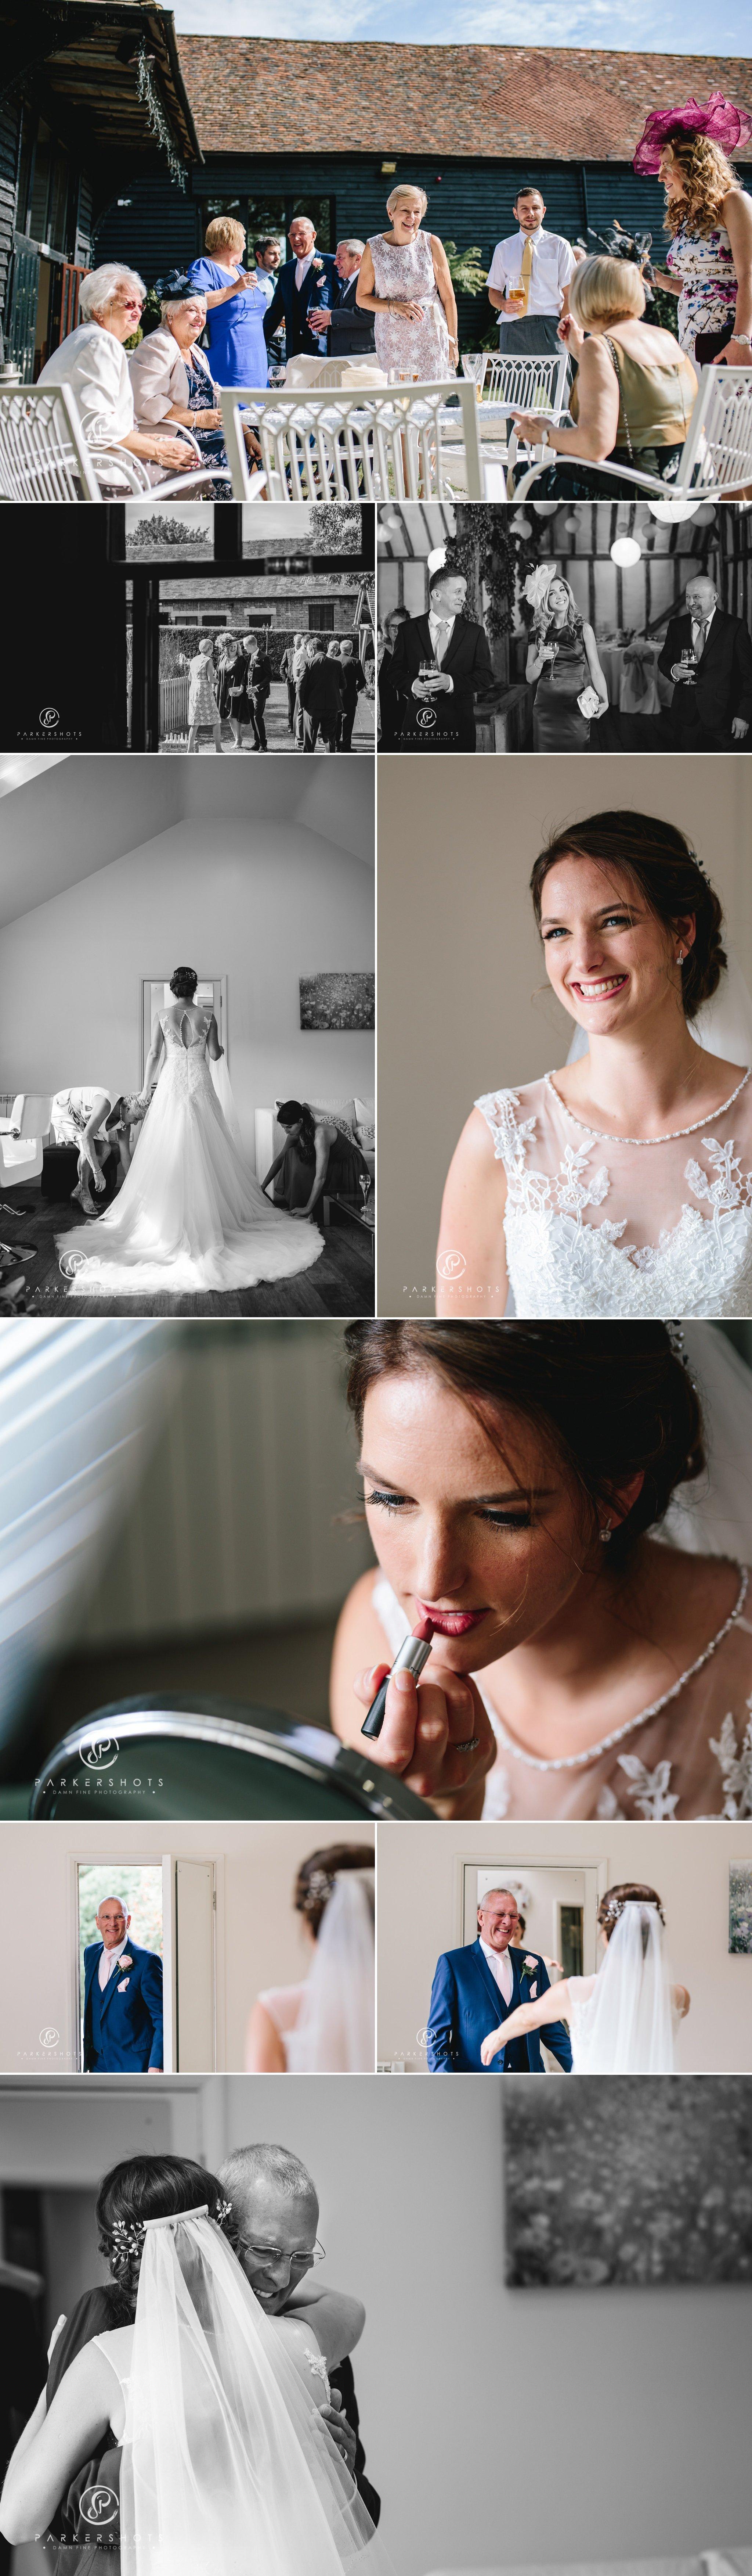 Bridal prep wedding photography and bridal portraits at Winters Barns